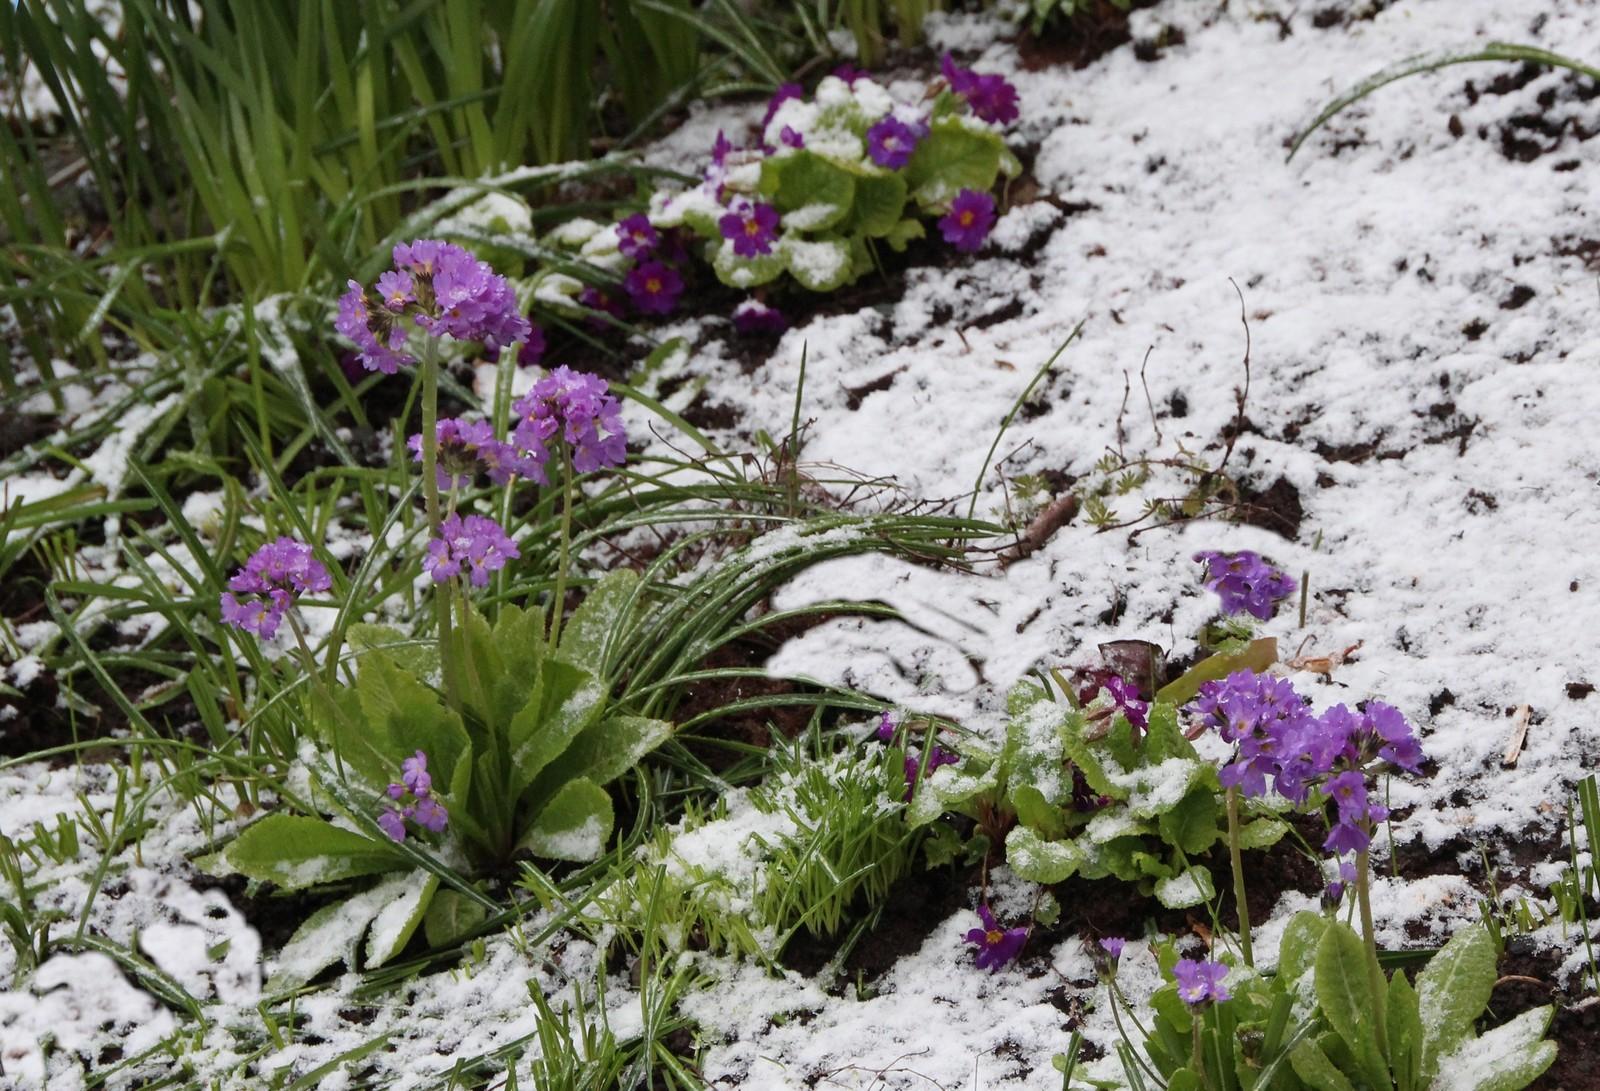 Vinteren kom på besøk 25. april 2017. Her fra Kopervik, Karmøy.